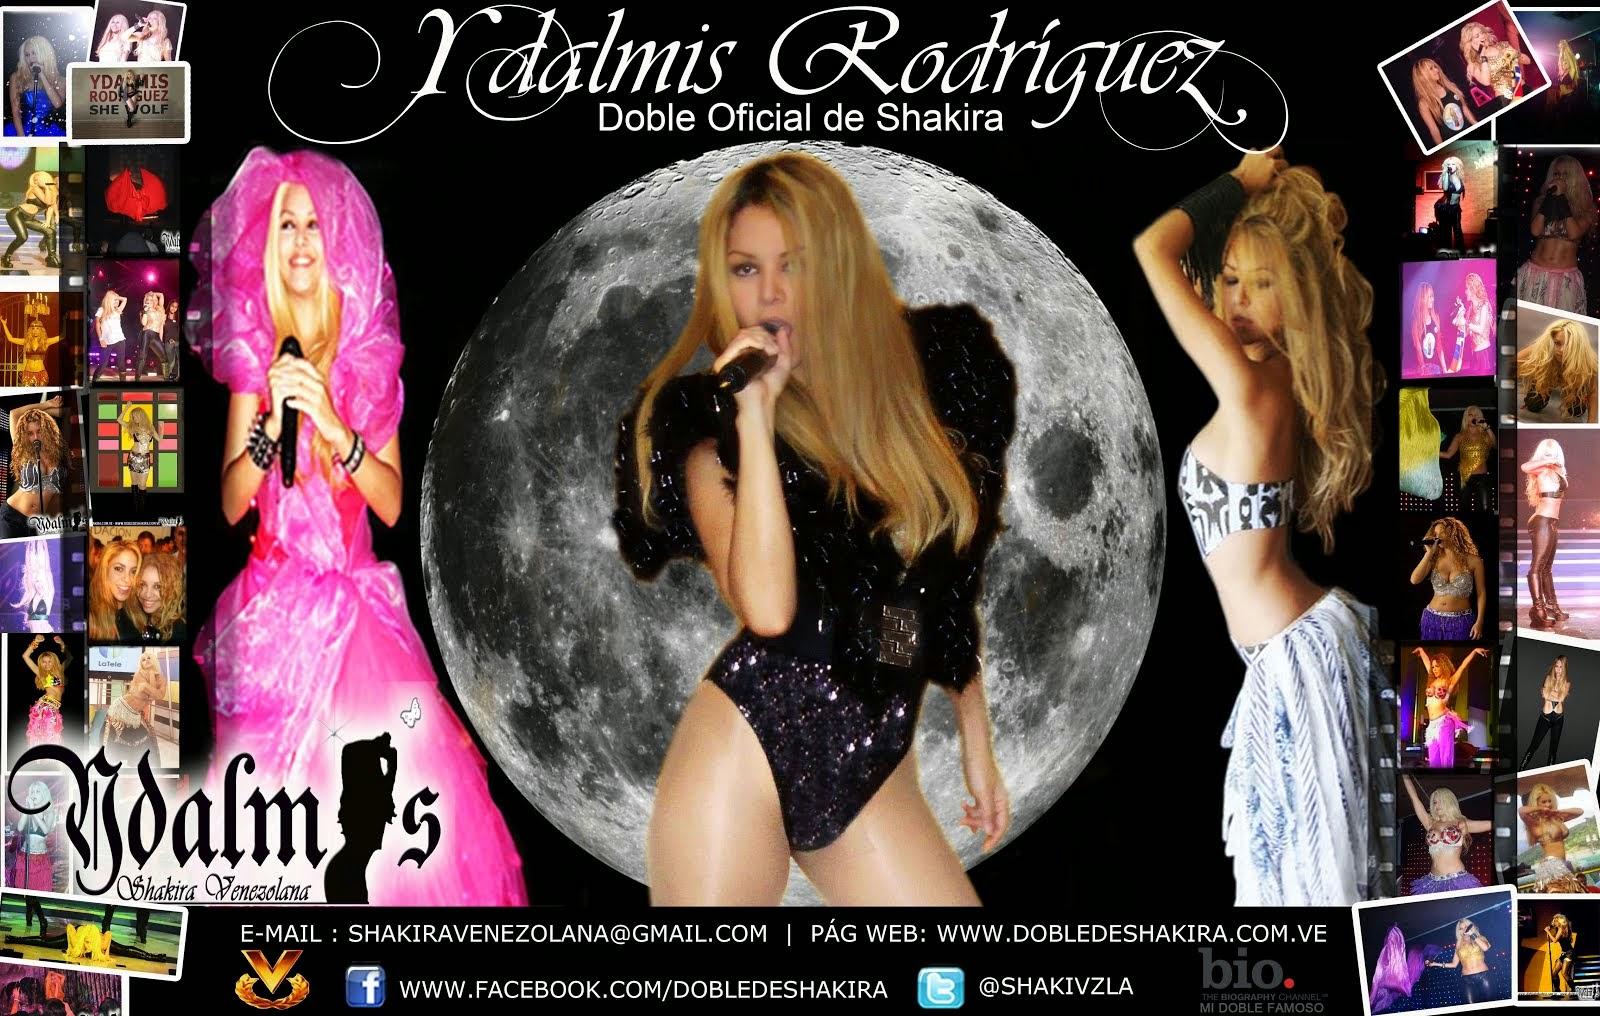 Doble de Shakira